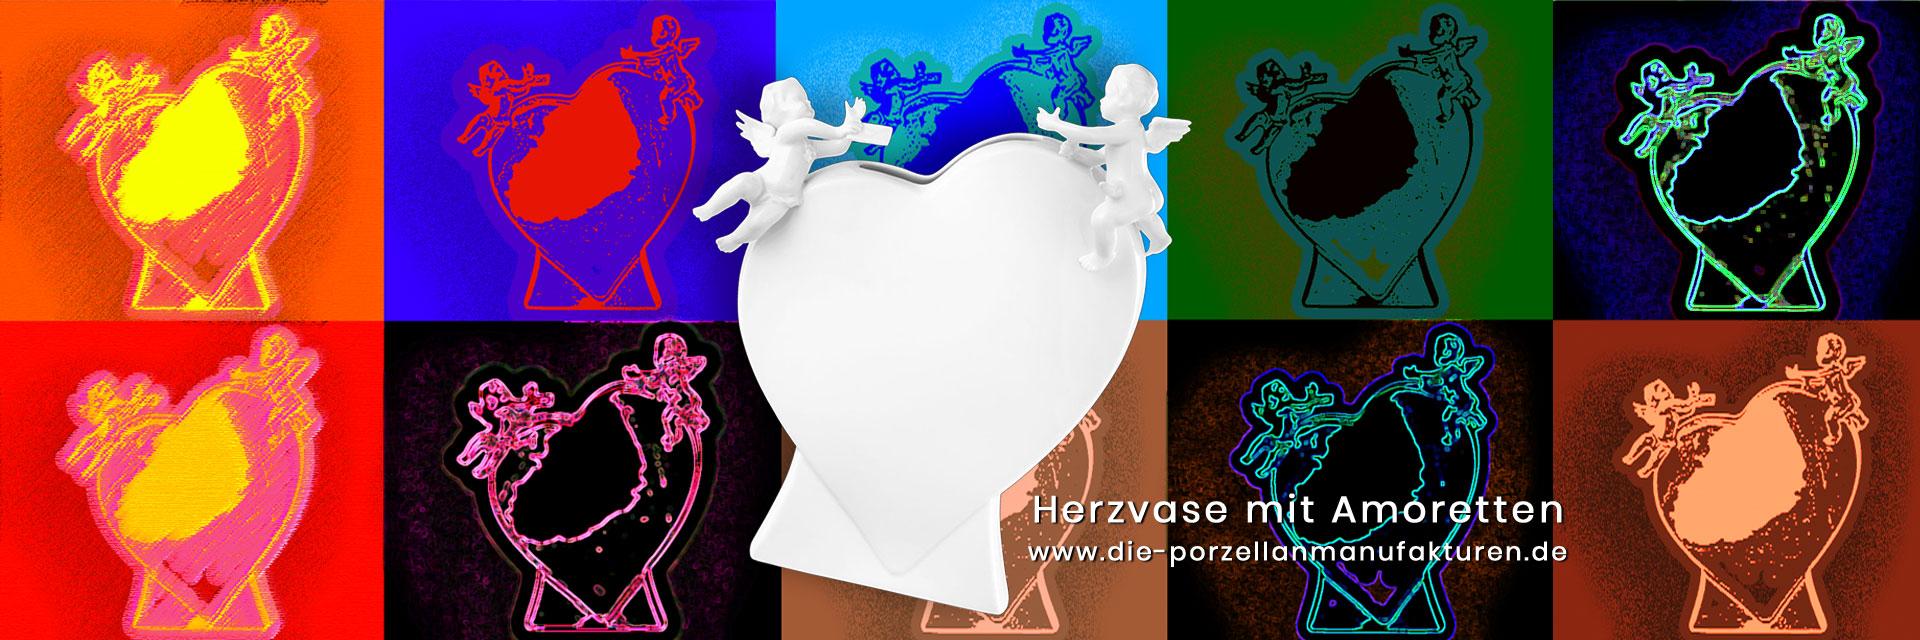 Herzvase